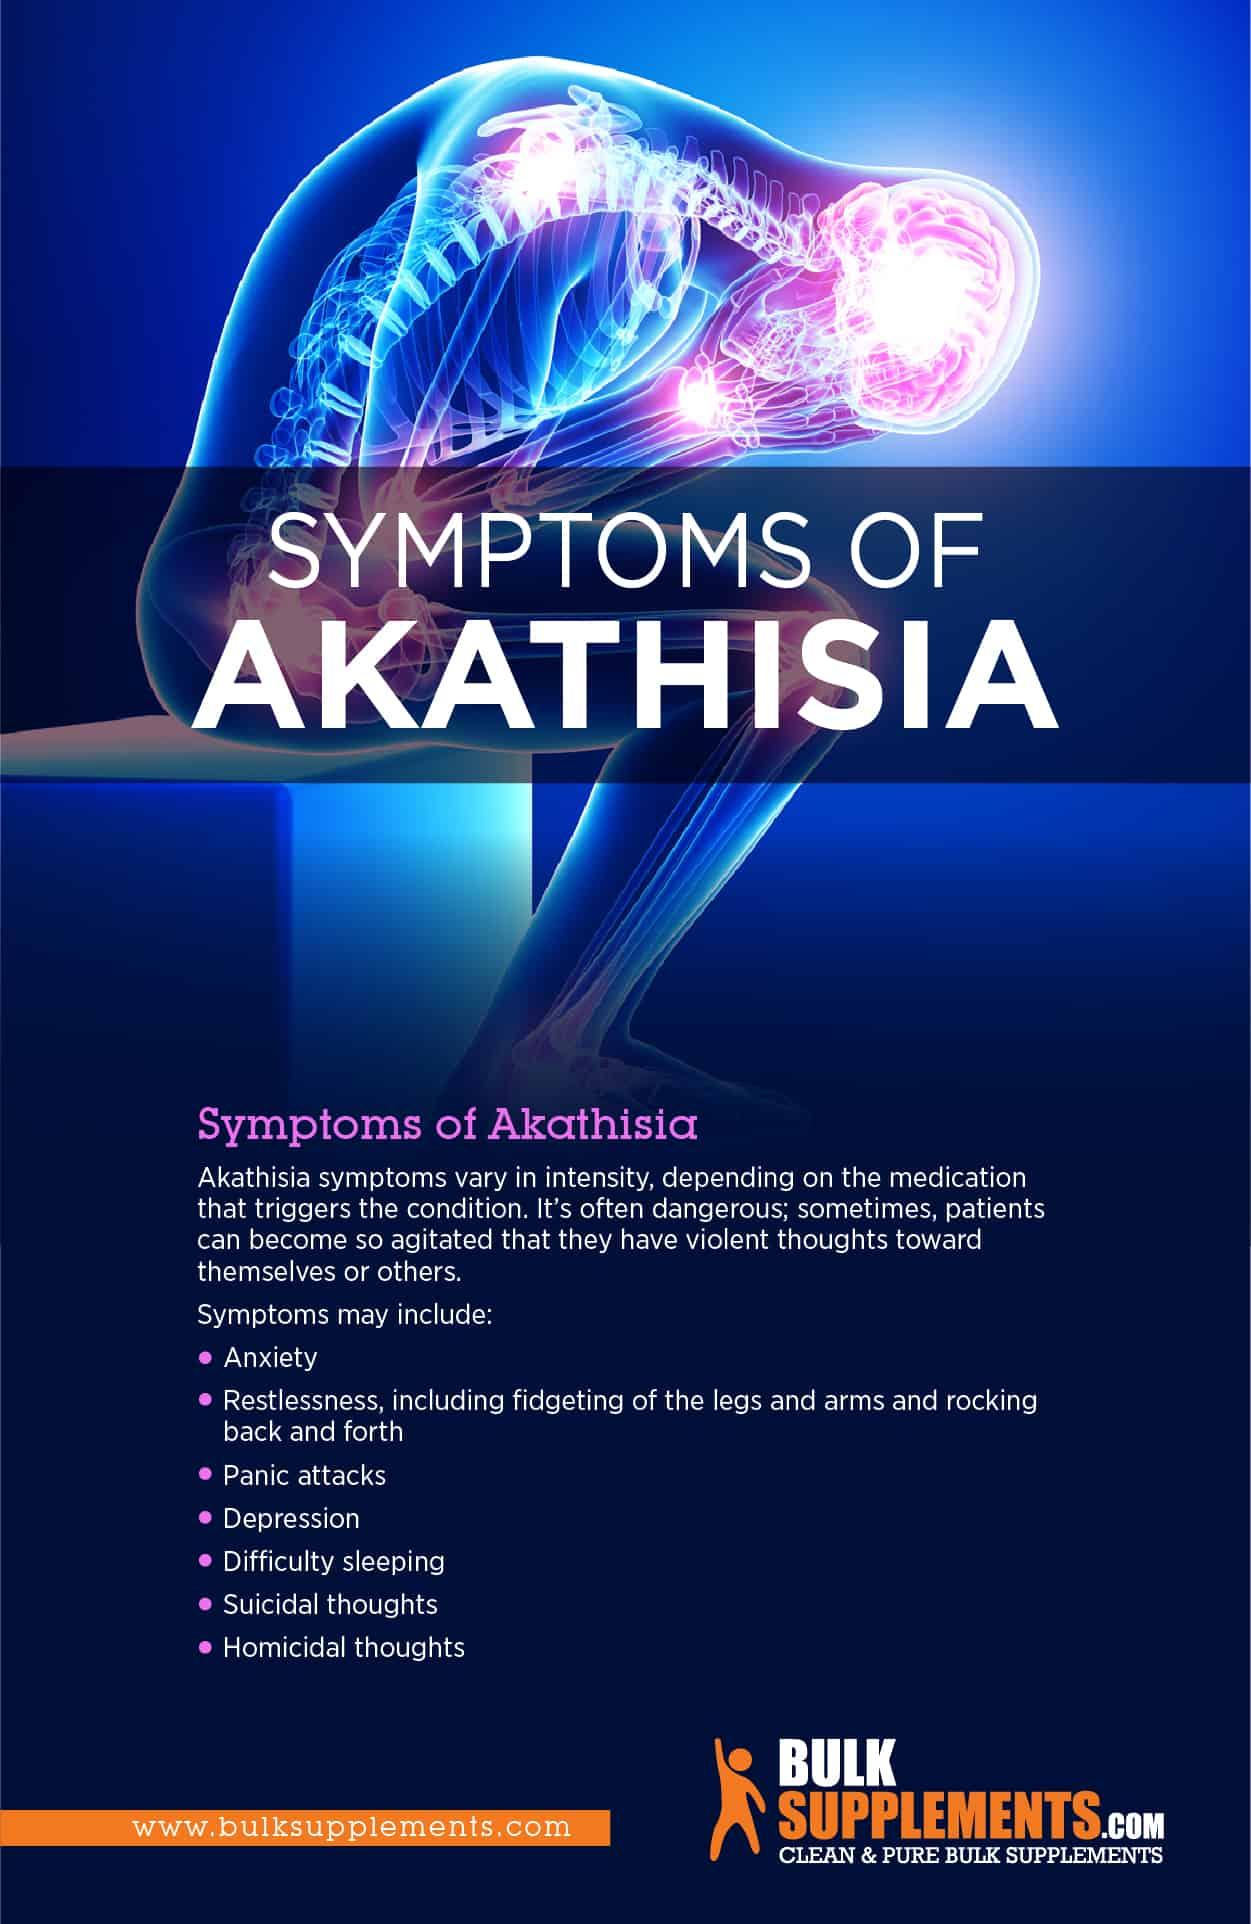 akathisia symtoms